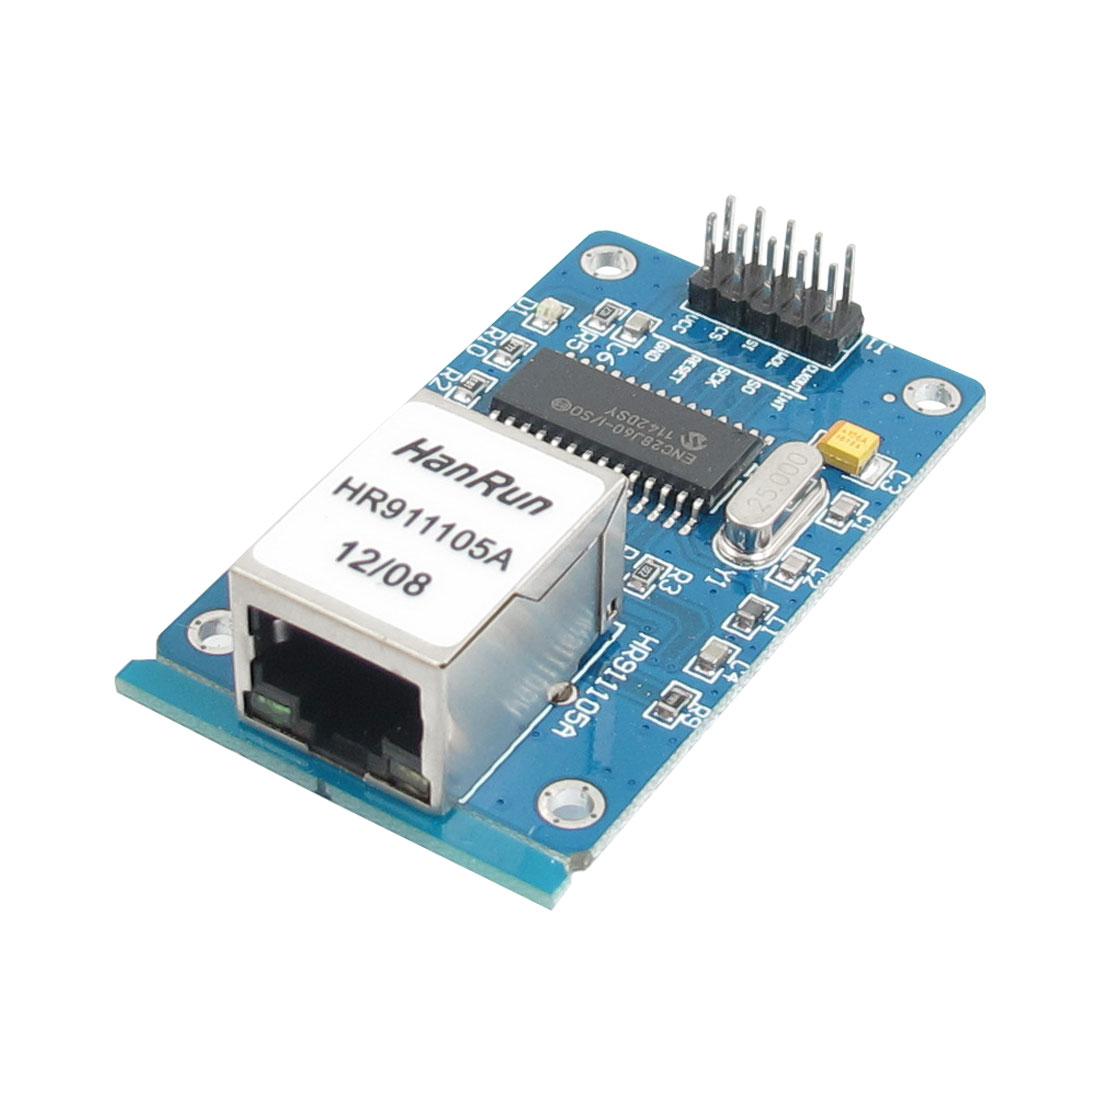 ENC28J60 LAN Ethernet Network Board Module 25MHZ Crystal AVR 51 LPC STM32 3.3V